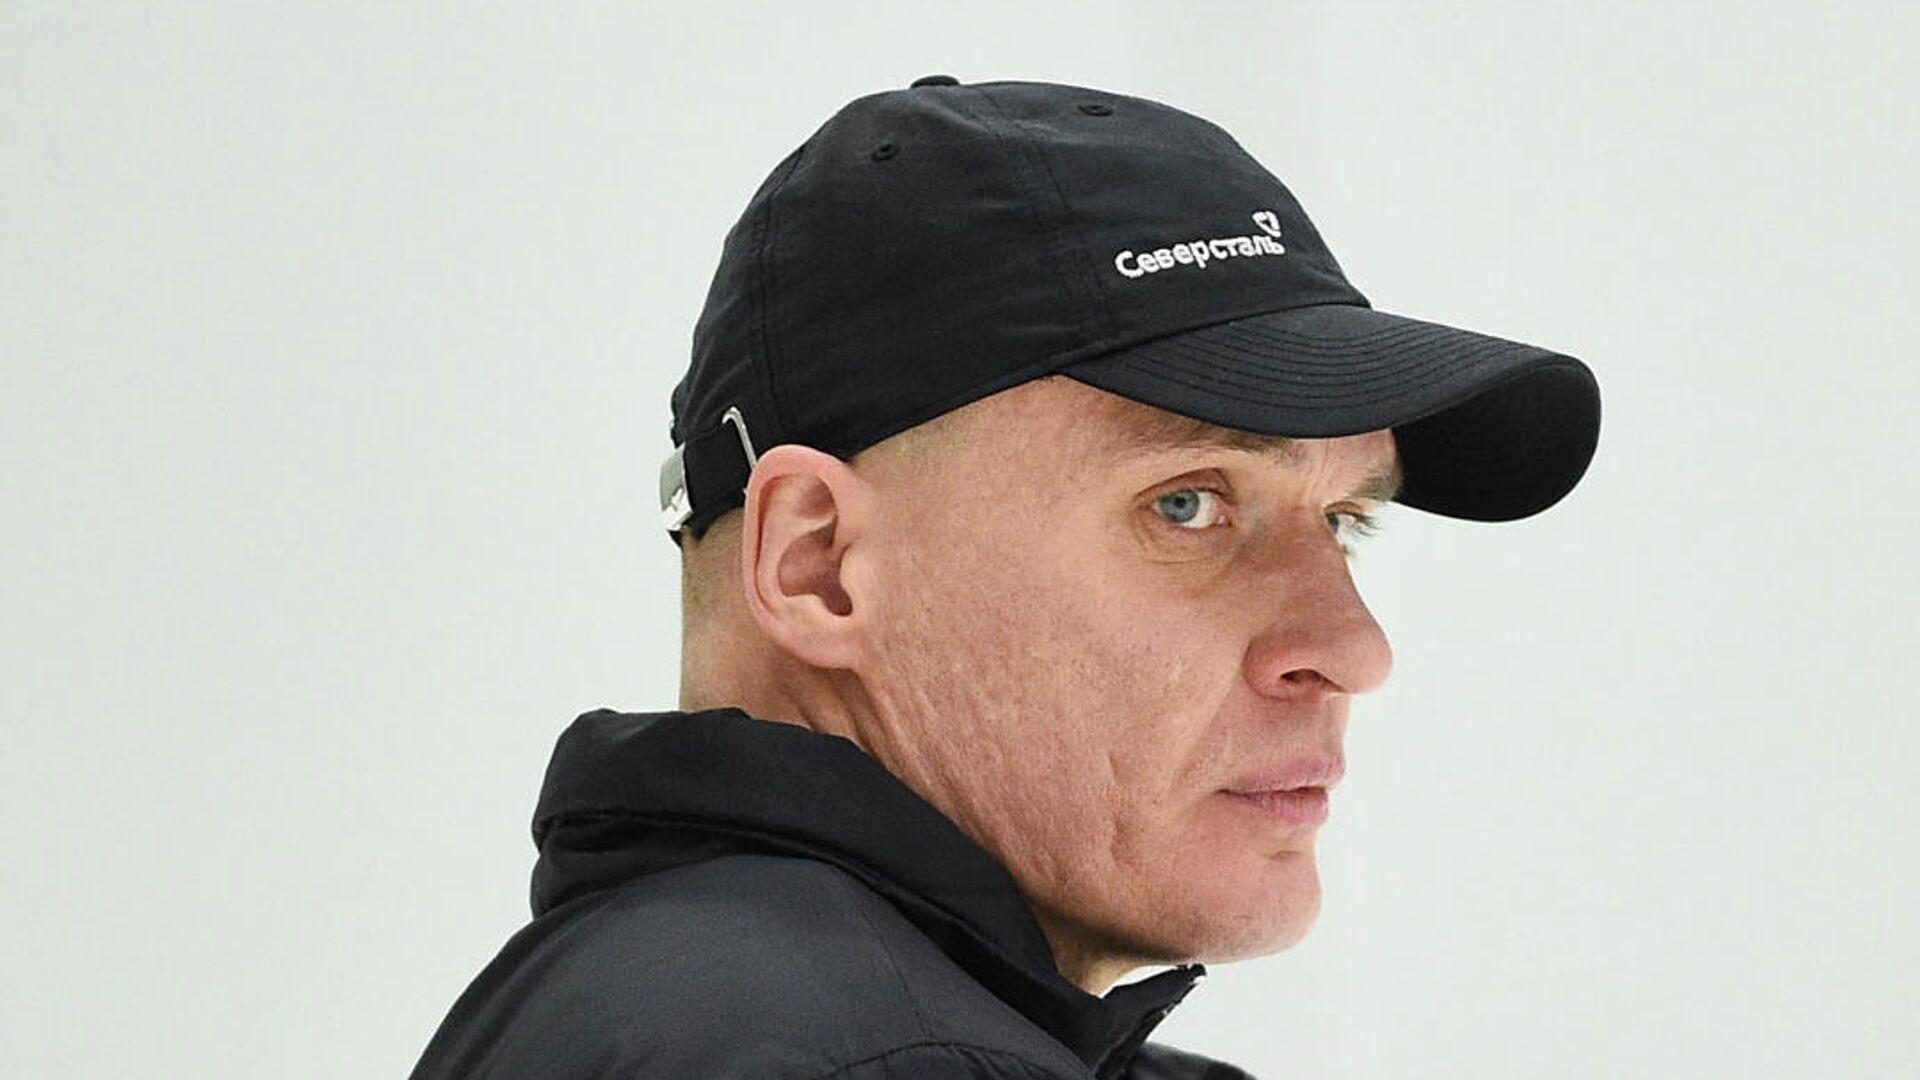 Главный тренер хоккейного клуба Северсталь Андрей Разин - РИА Новости, 1920, 18.11.2020